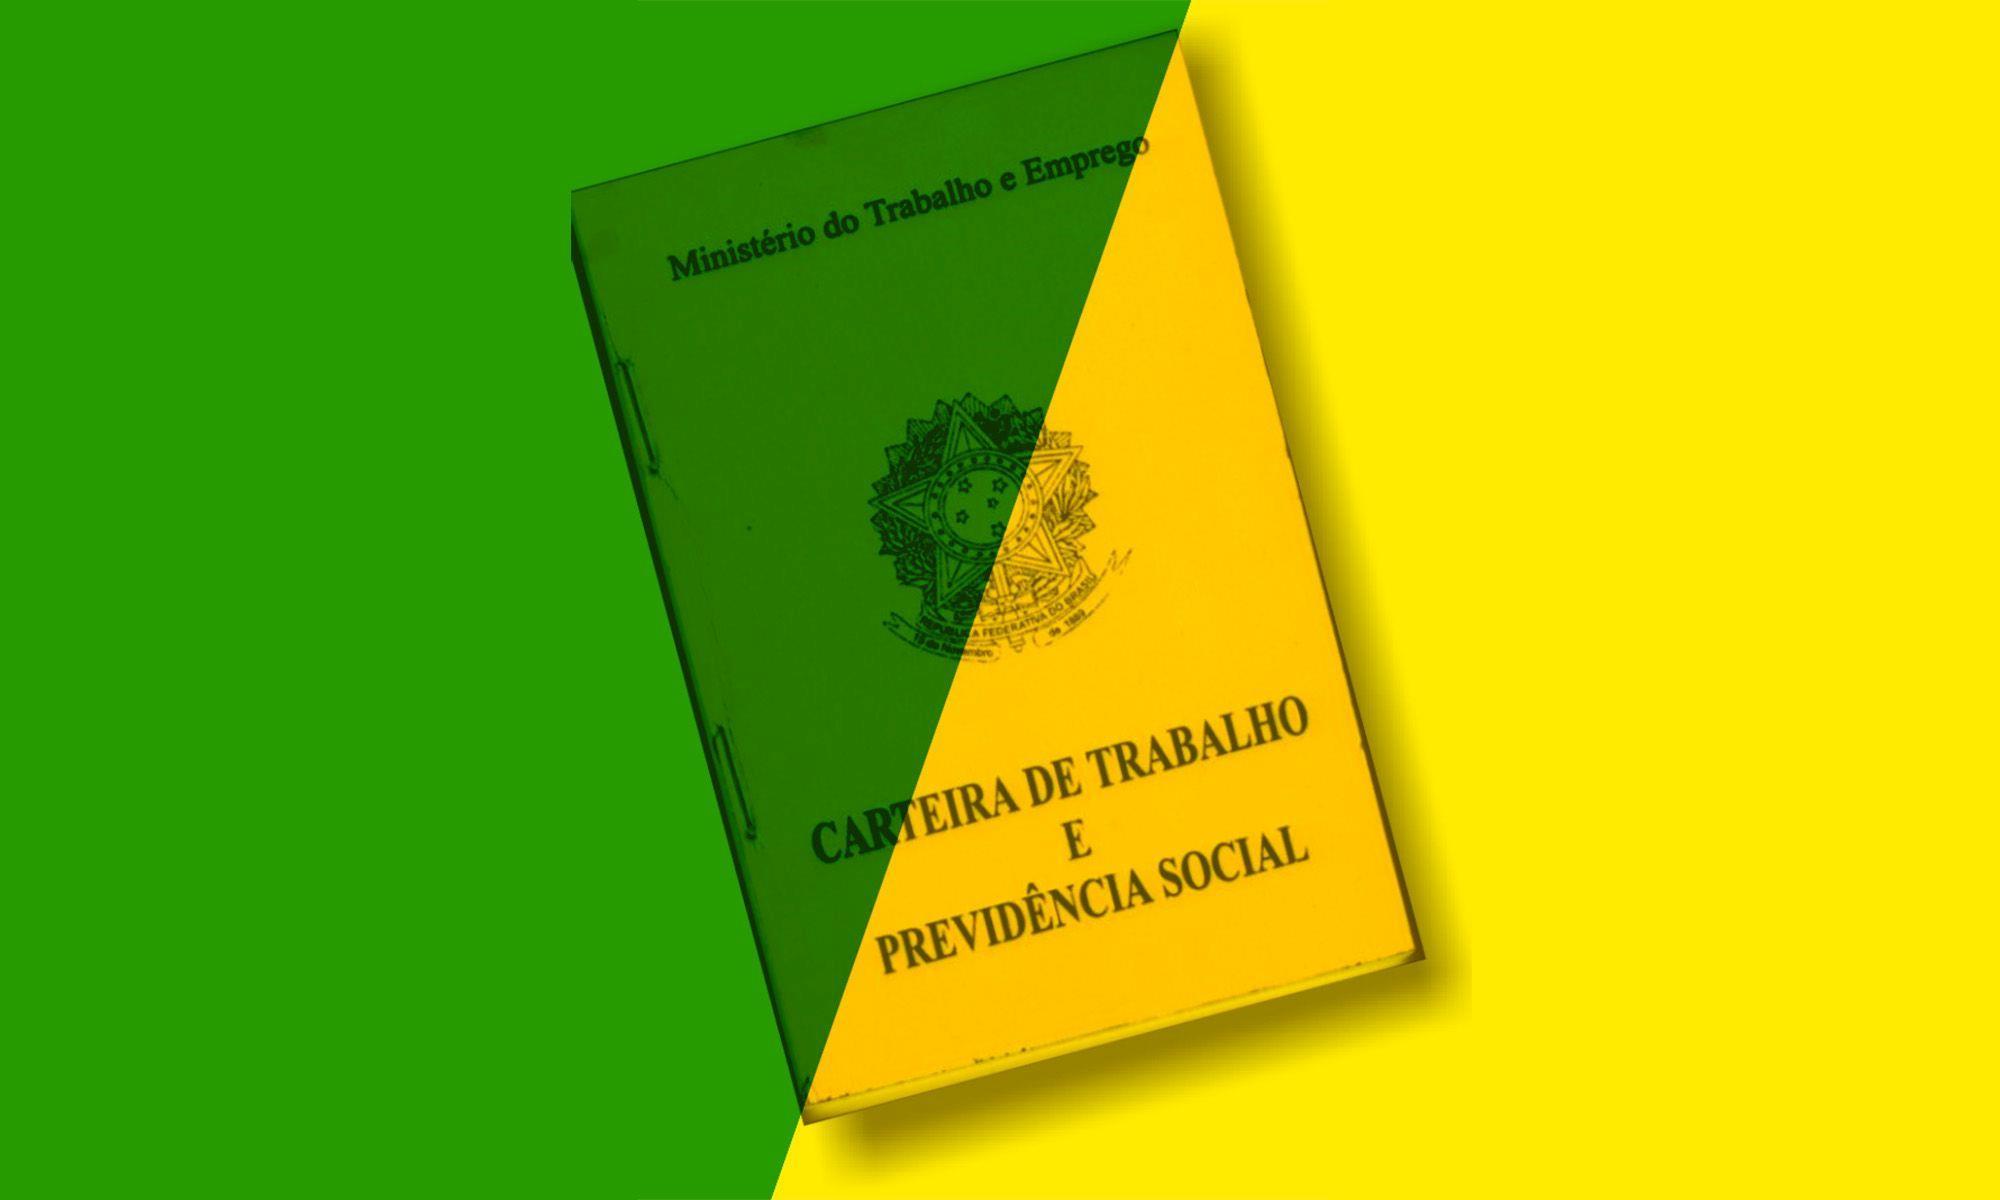 mp 905, contratação, verde, amarela, clt,, Divulgação